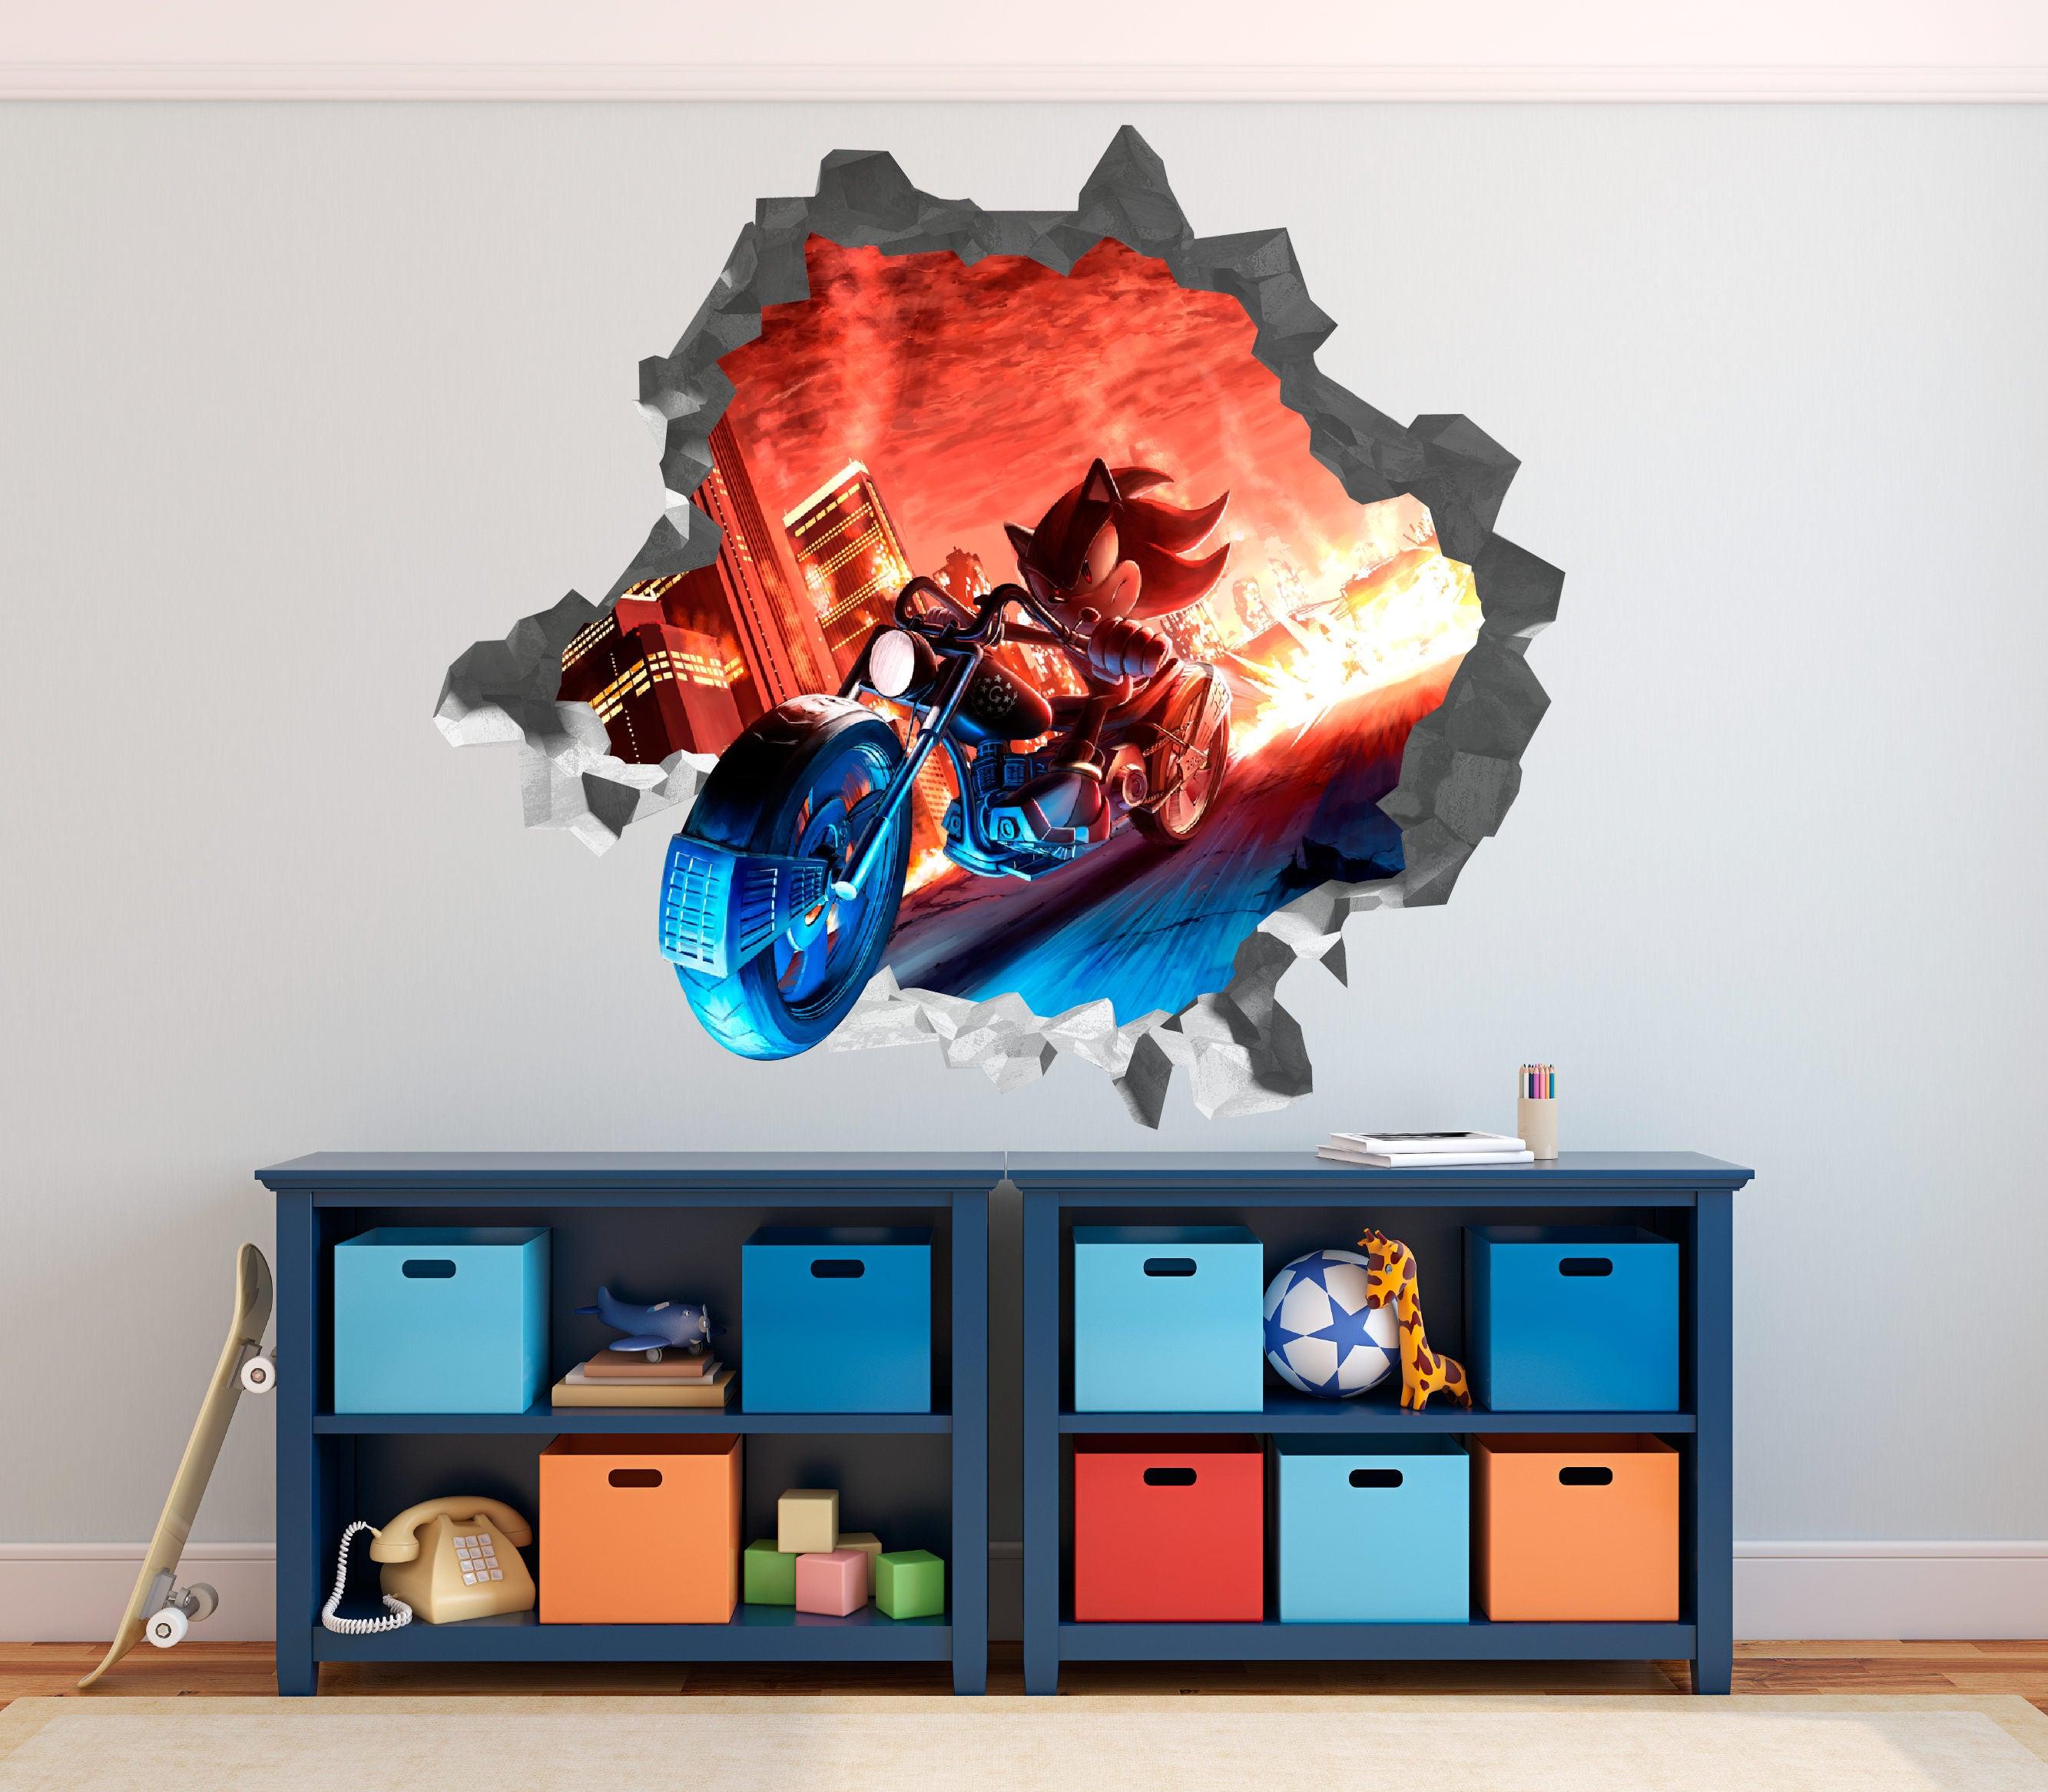 Sonic shadow hedgehog wall decal 3d kids sticker art decor vinyl character door op187 - Sonic wall decals ...